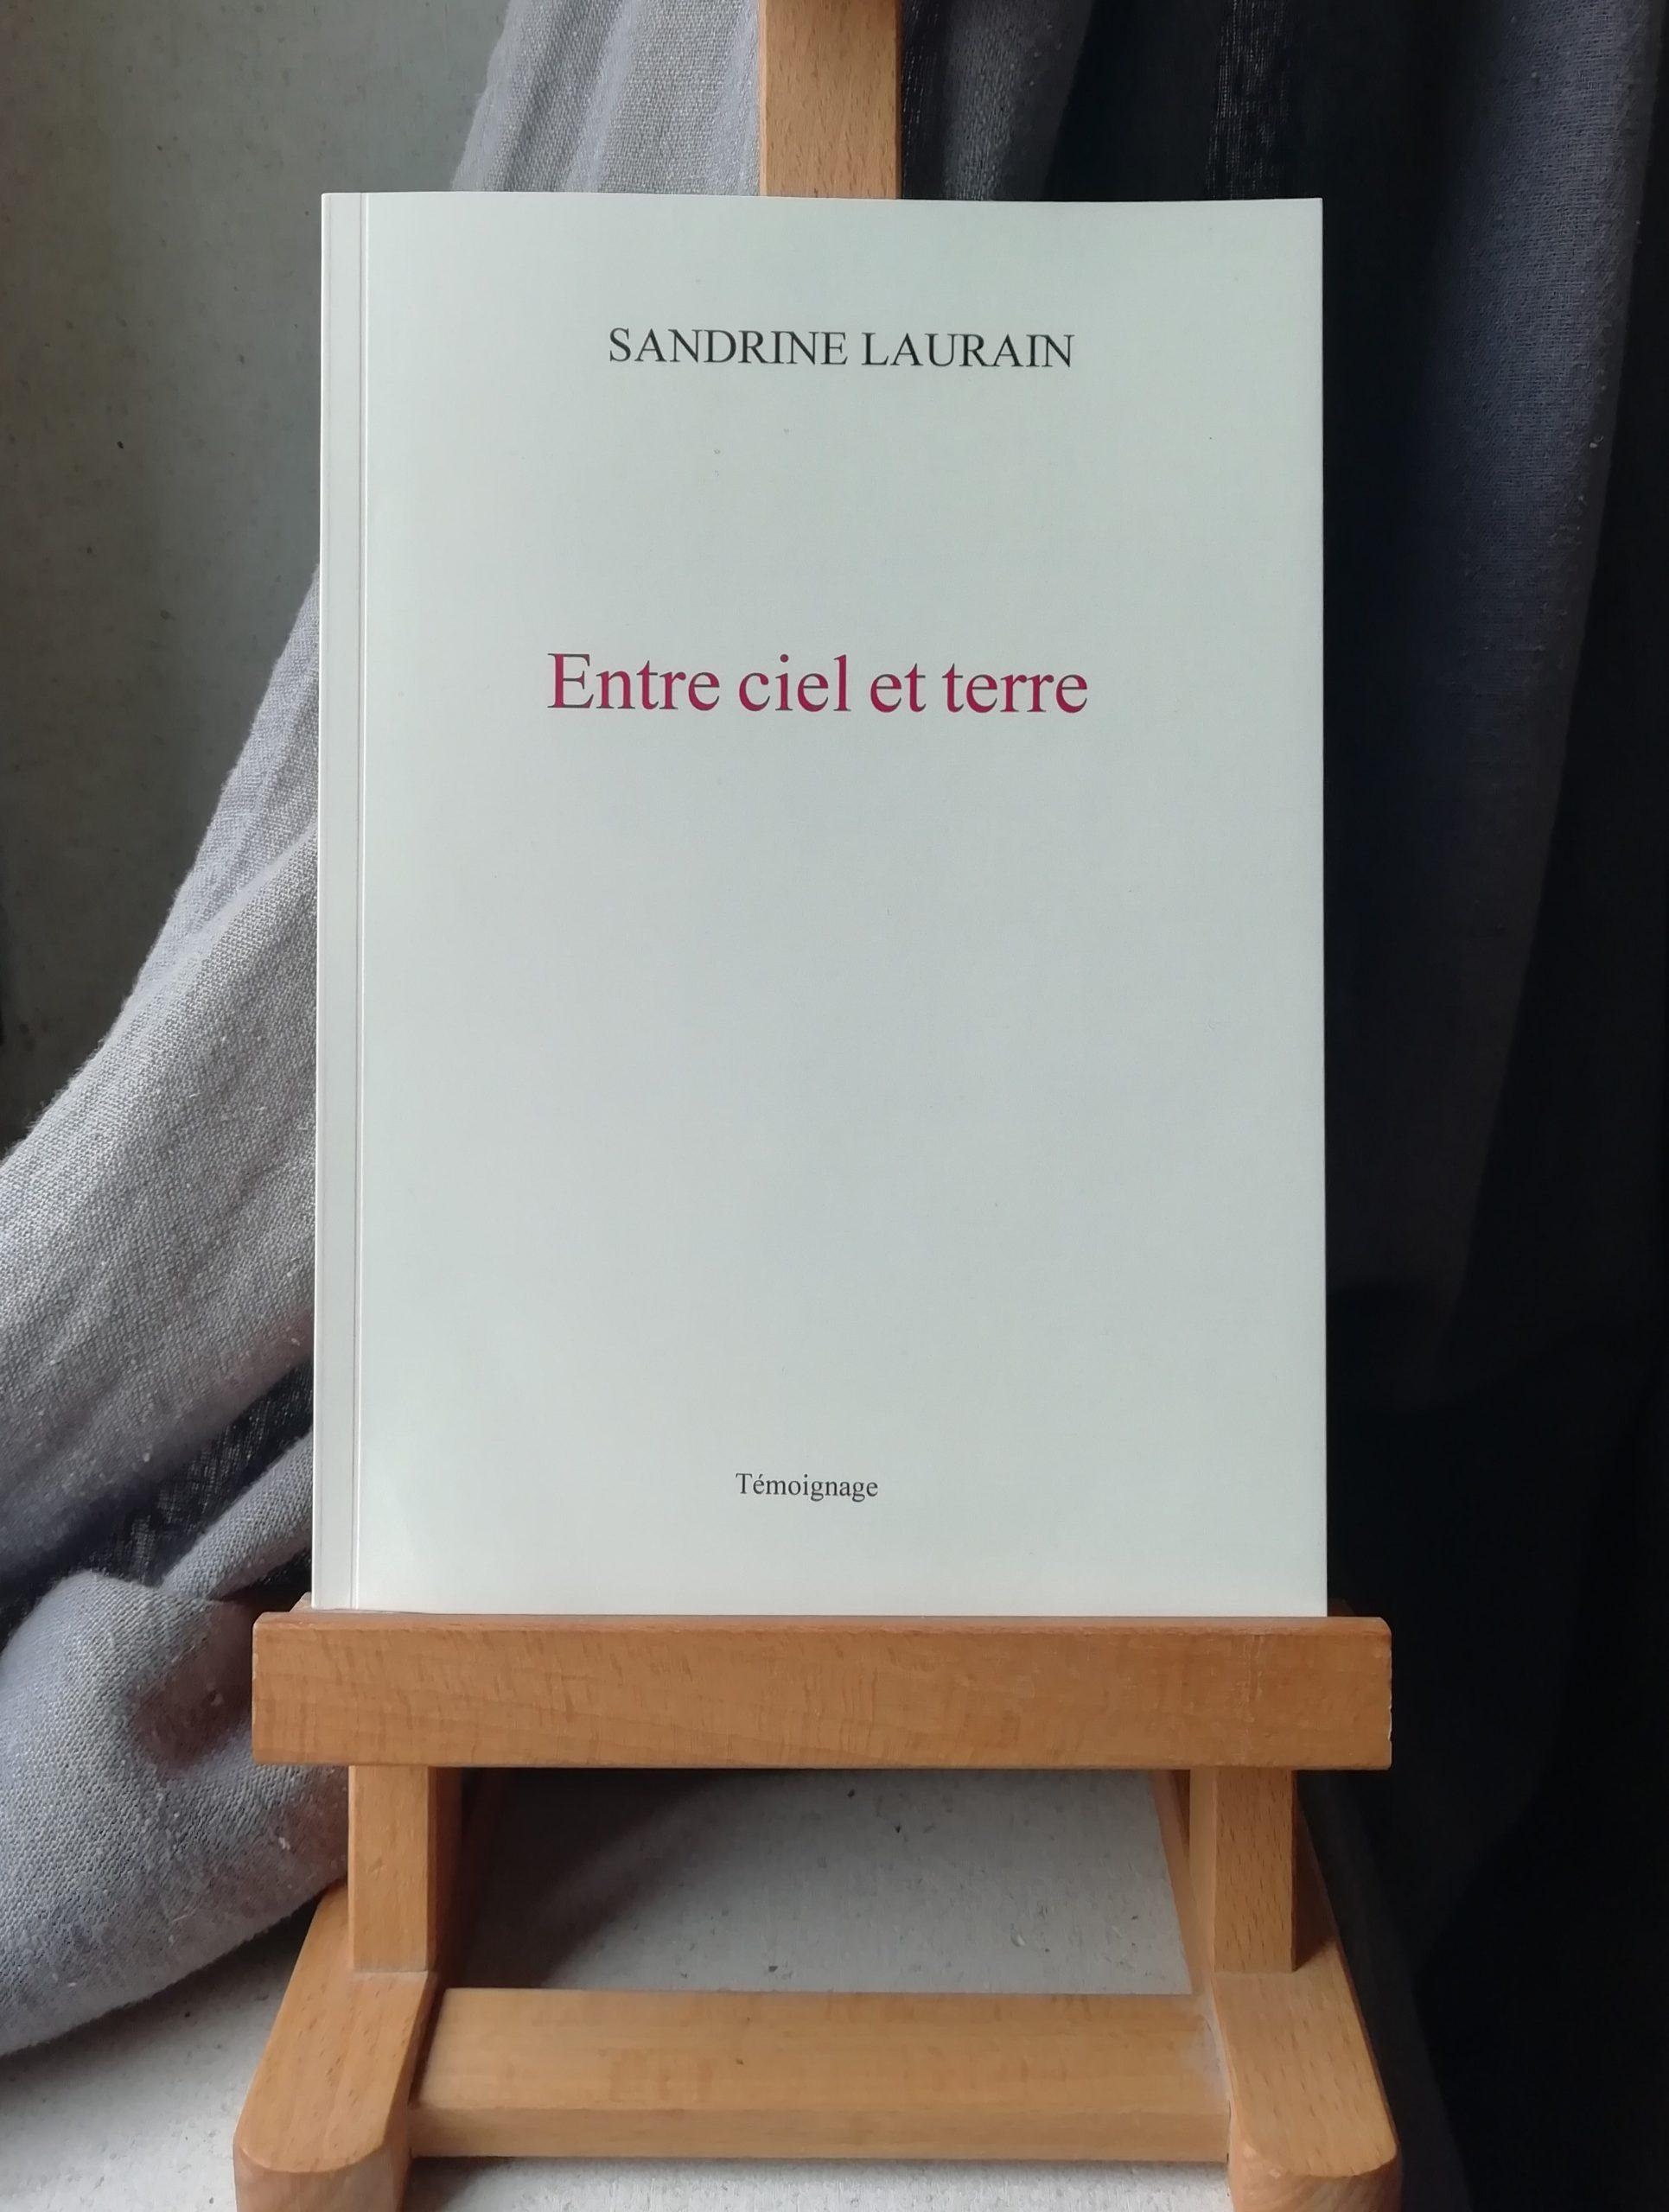 Recueil Entre ciel et terre Sandrine Laurain témoignage posthume sur l'inceste